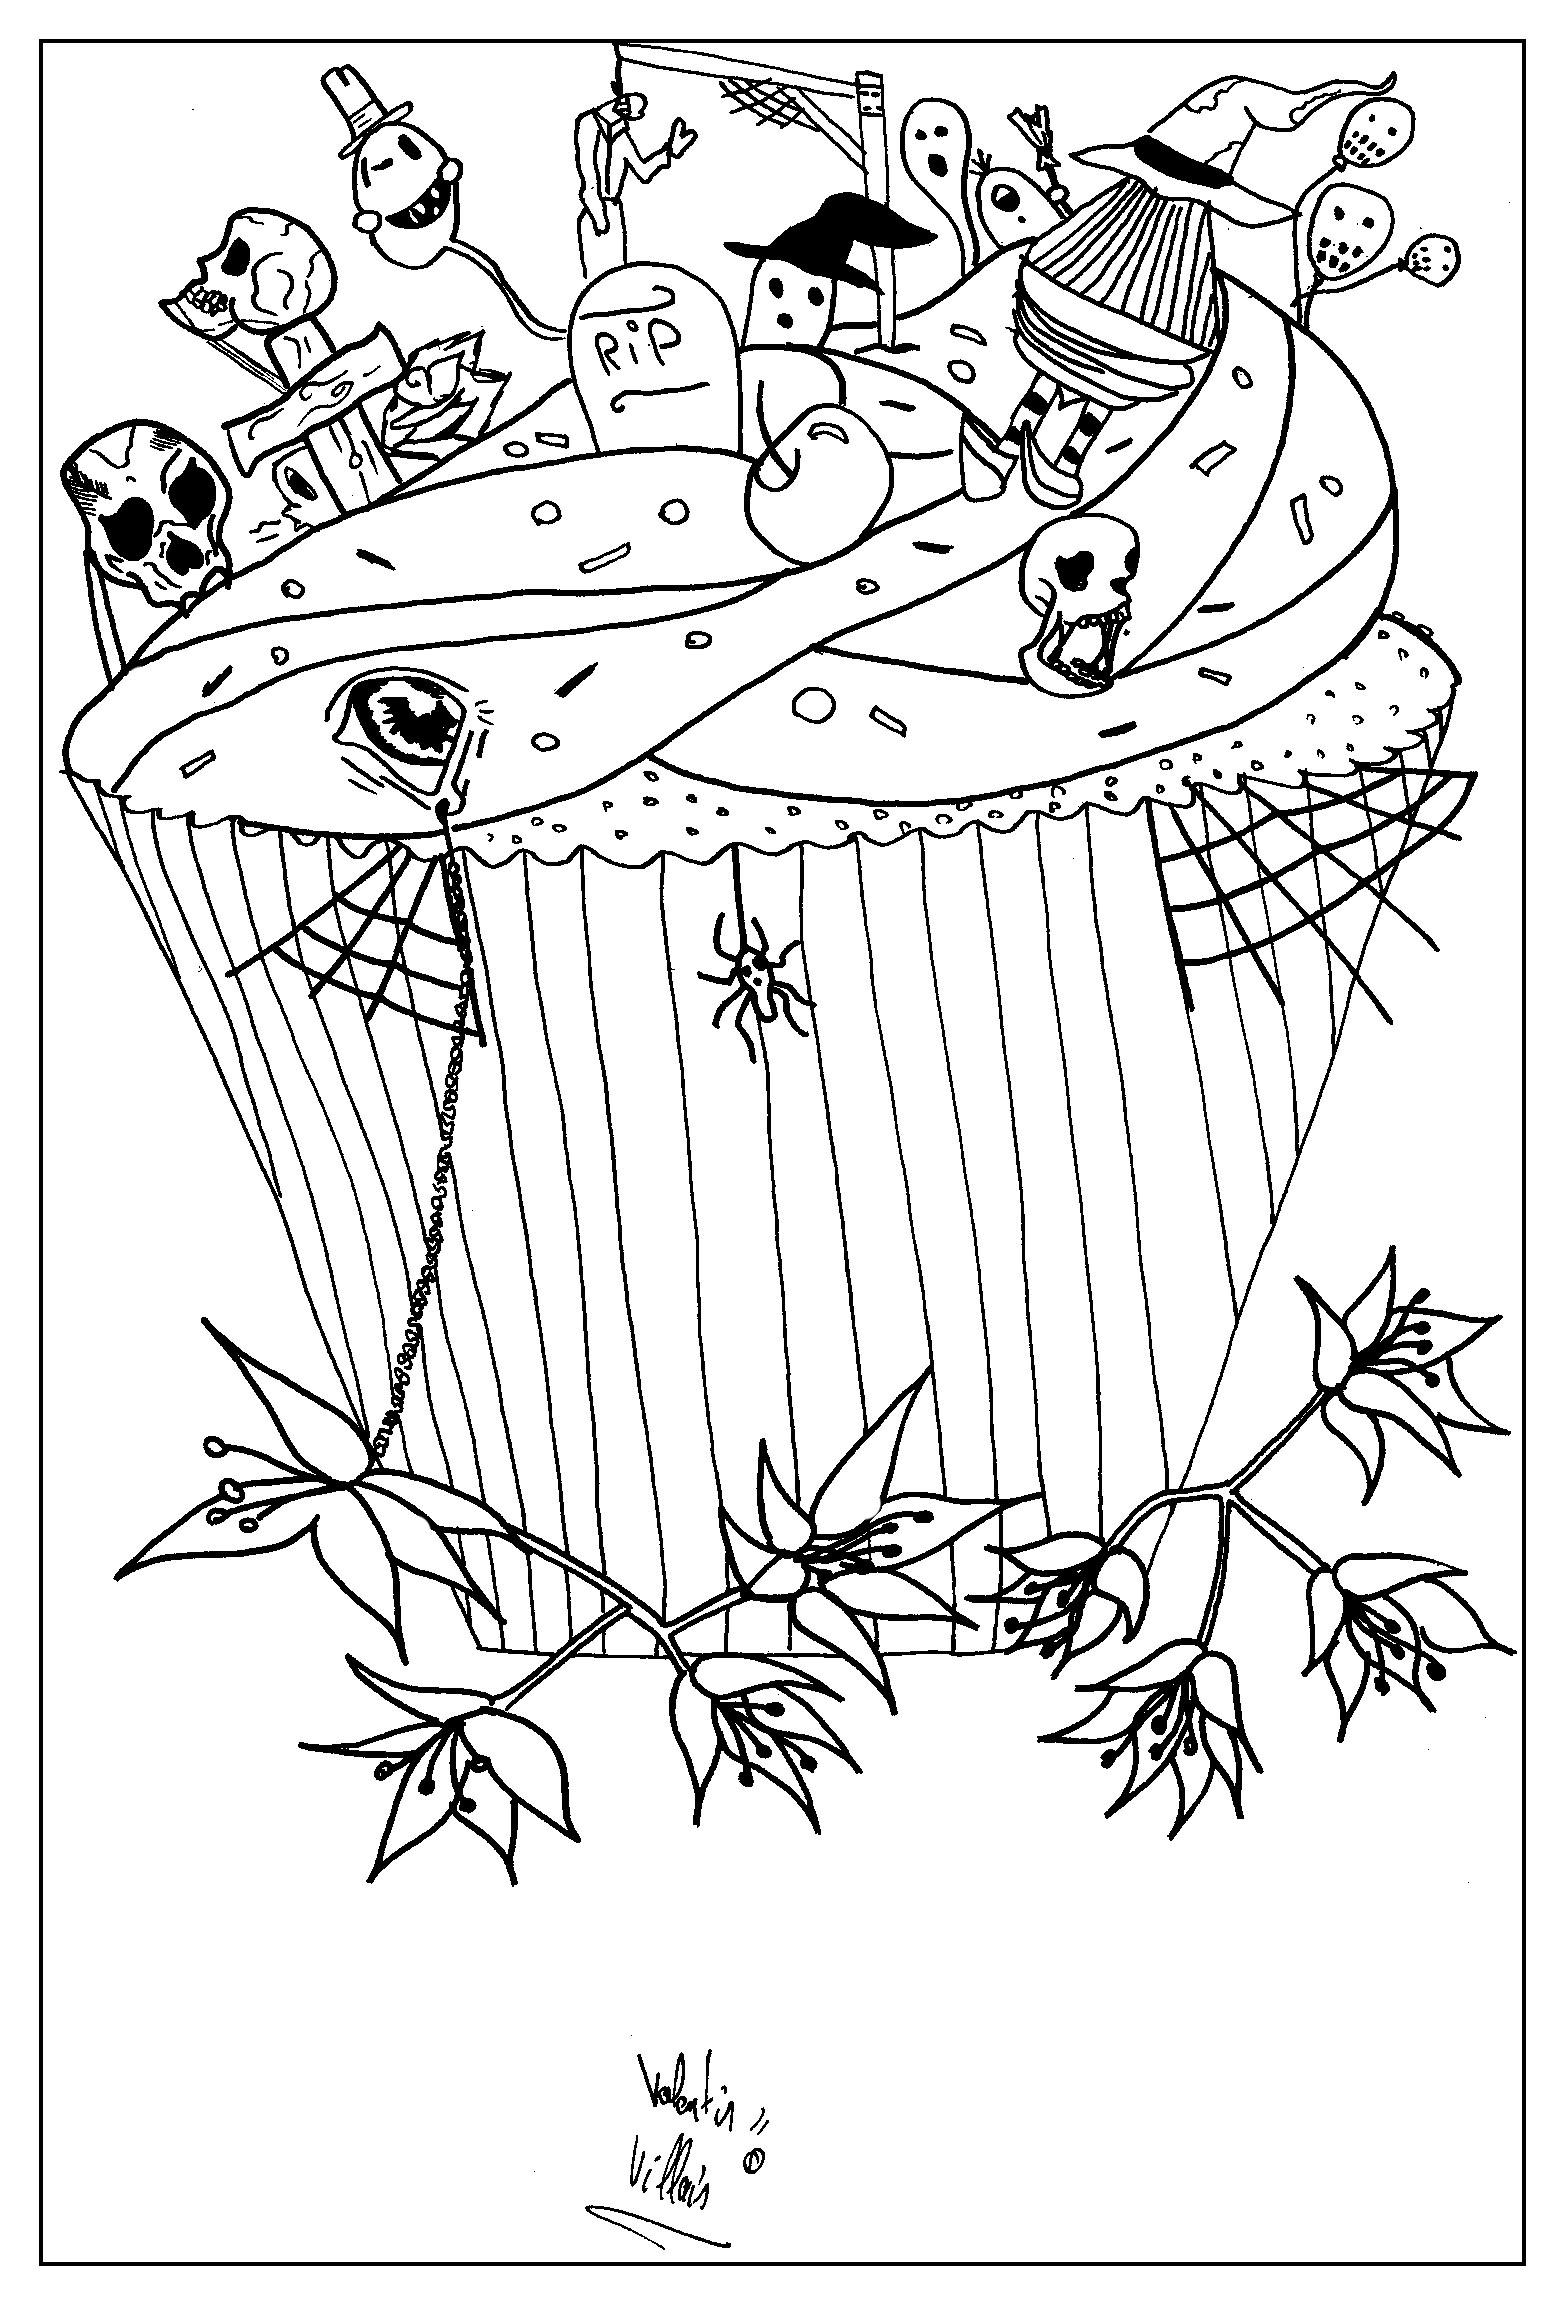 Colorear para adultos  : Cupcakes - 24